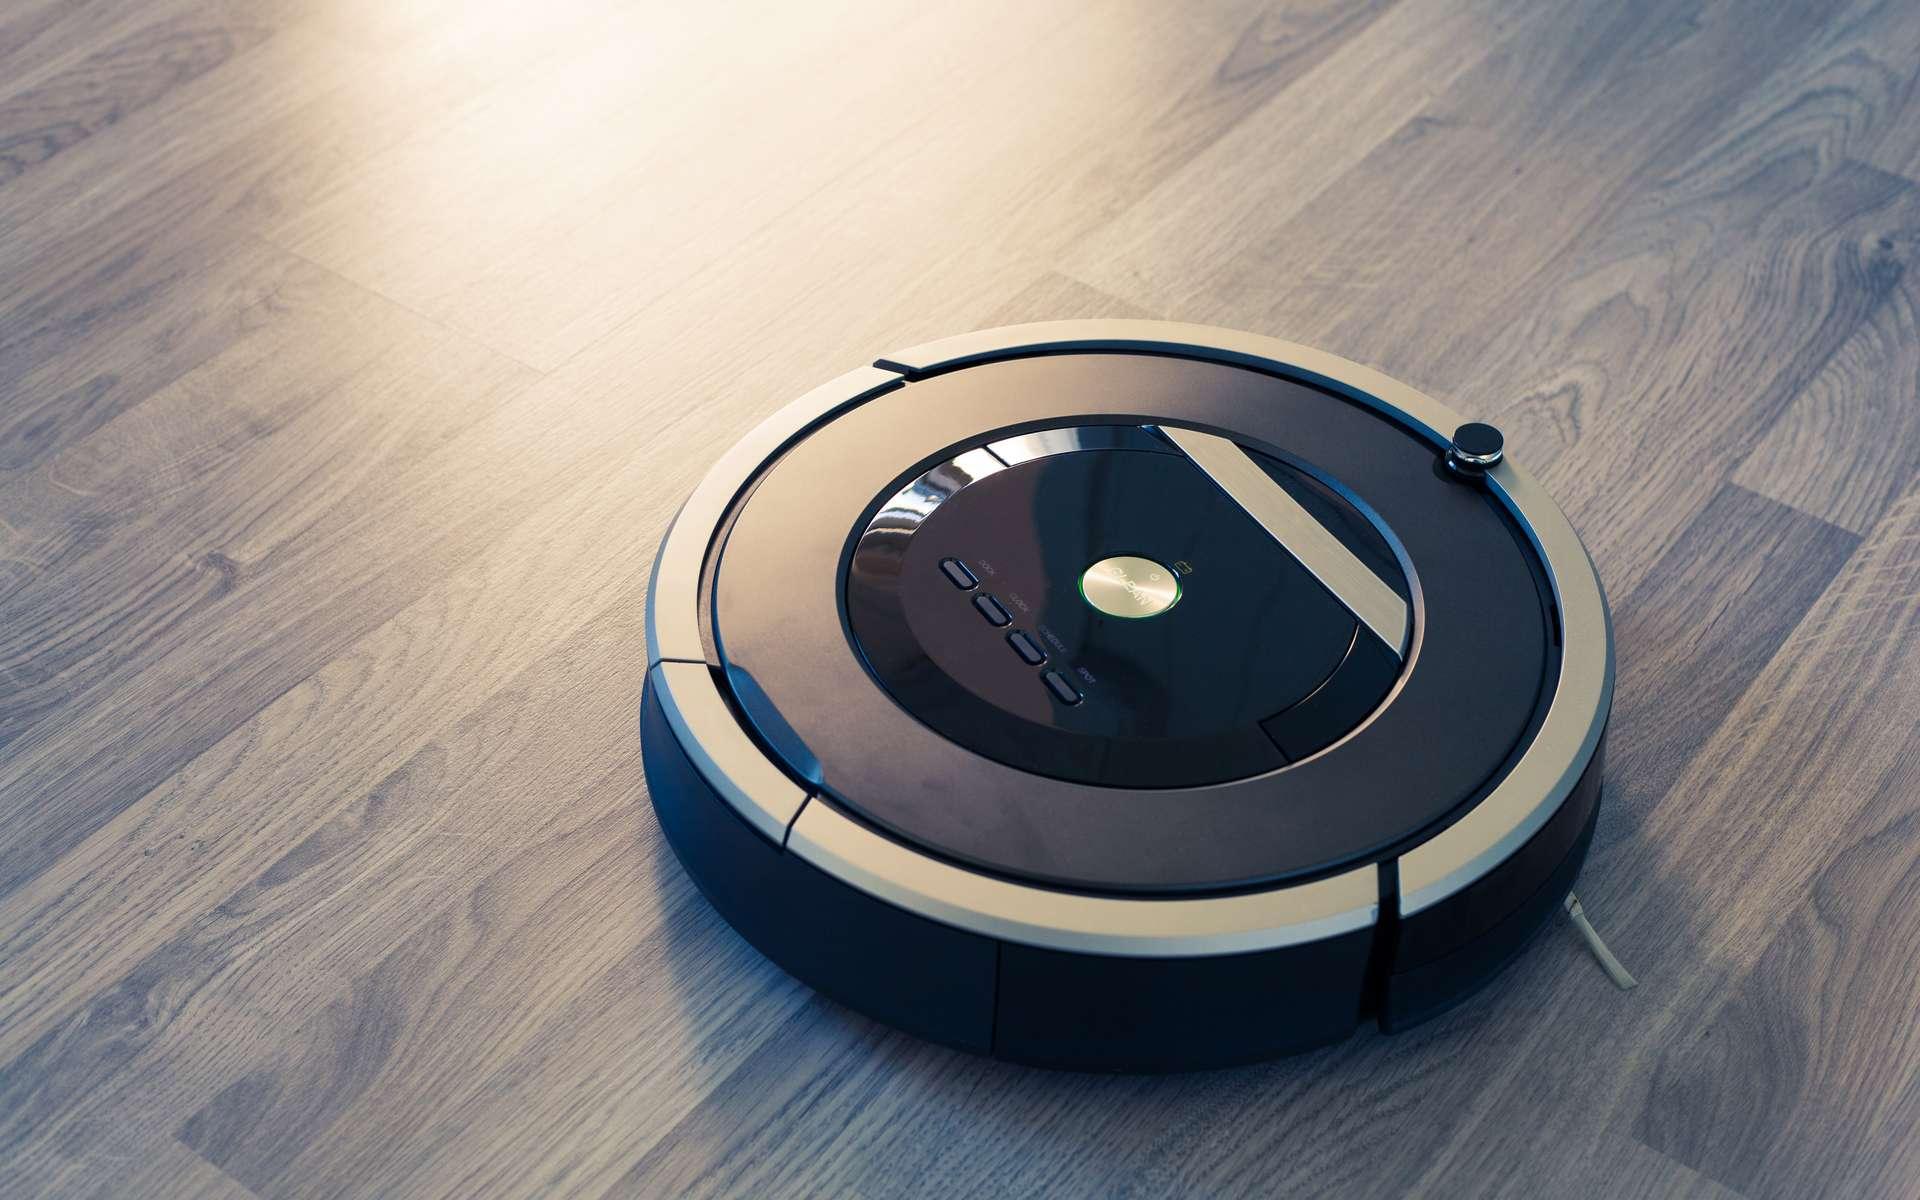 Pour se déplacer dans une pièce en évitant les obstacles, l'aspirateur ne s'aide pas d'une caméra mais d'un laser. © Roomba